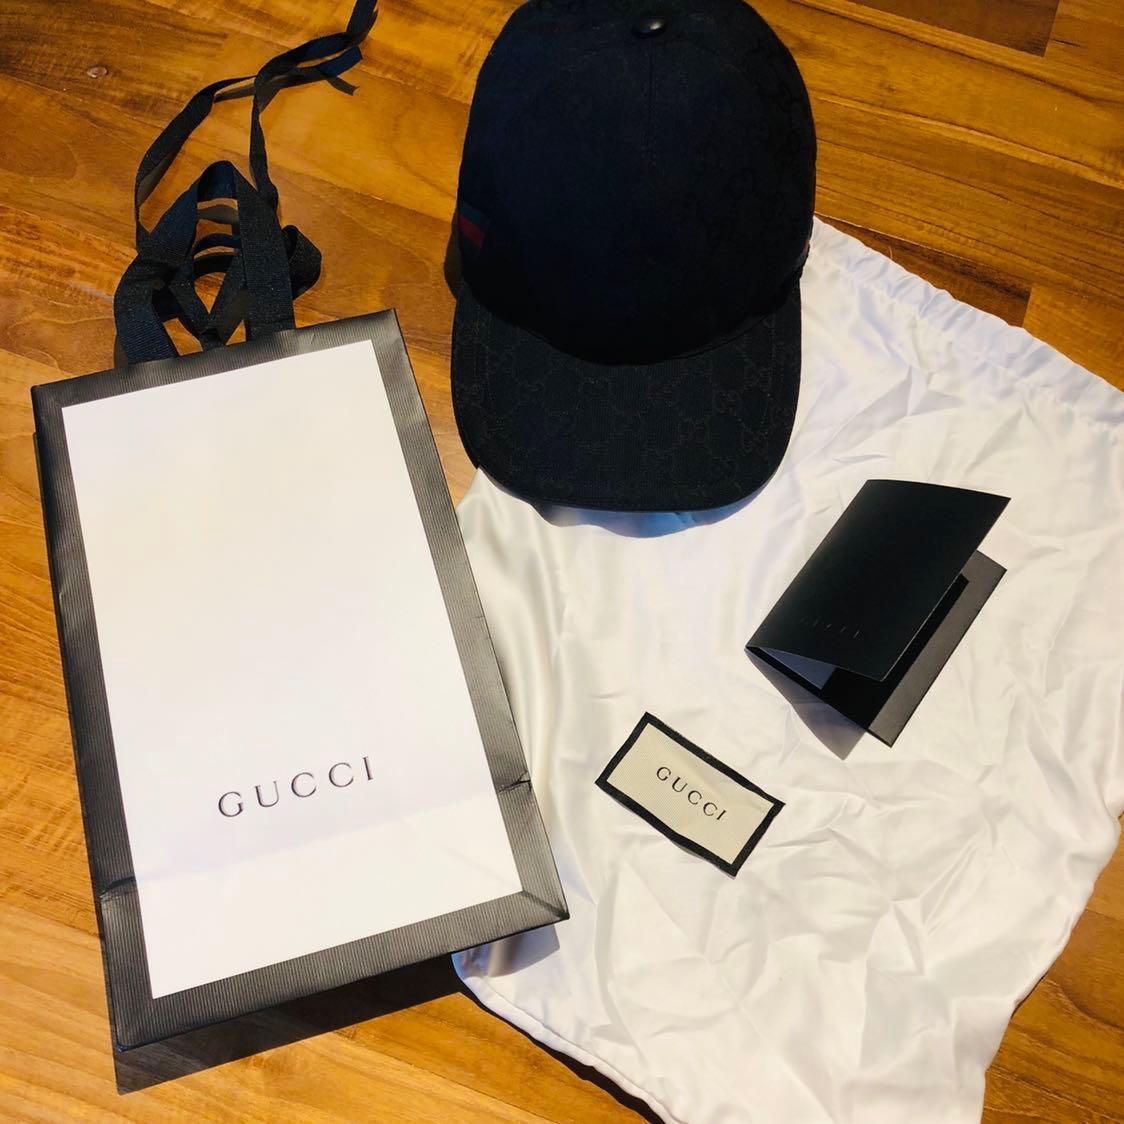 6c9ff3bd4 Gucci black cap size M, Men's Fashion, Accessories, Caps & Hats on ...